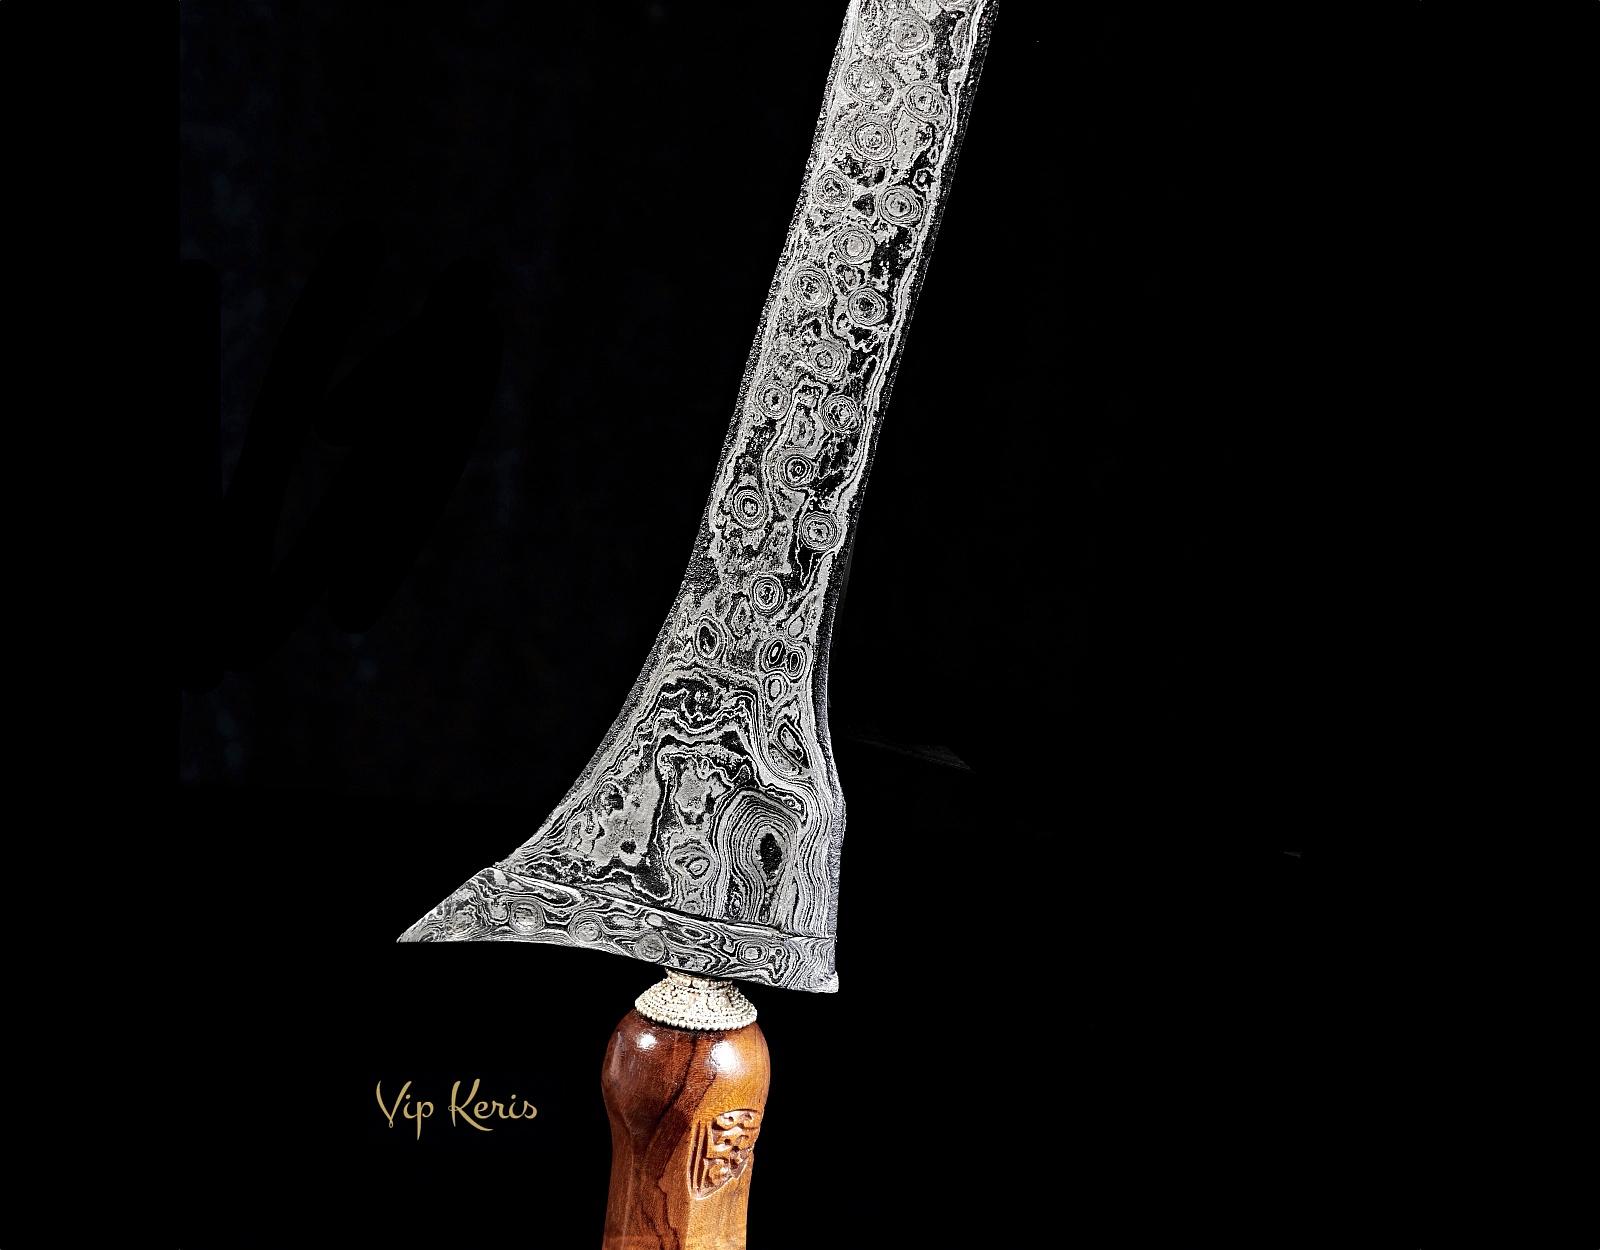 Ритуальный кинжал Крис Tilam Upih, работа с финансами. фото VipKeris